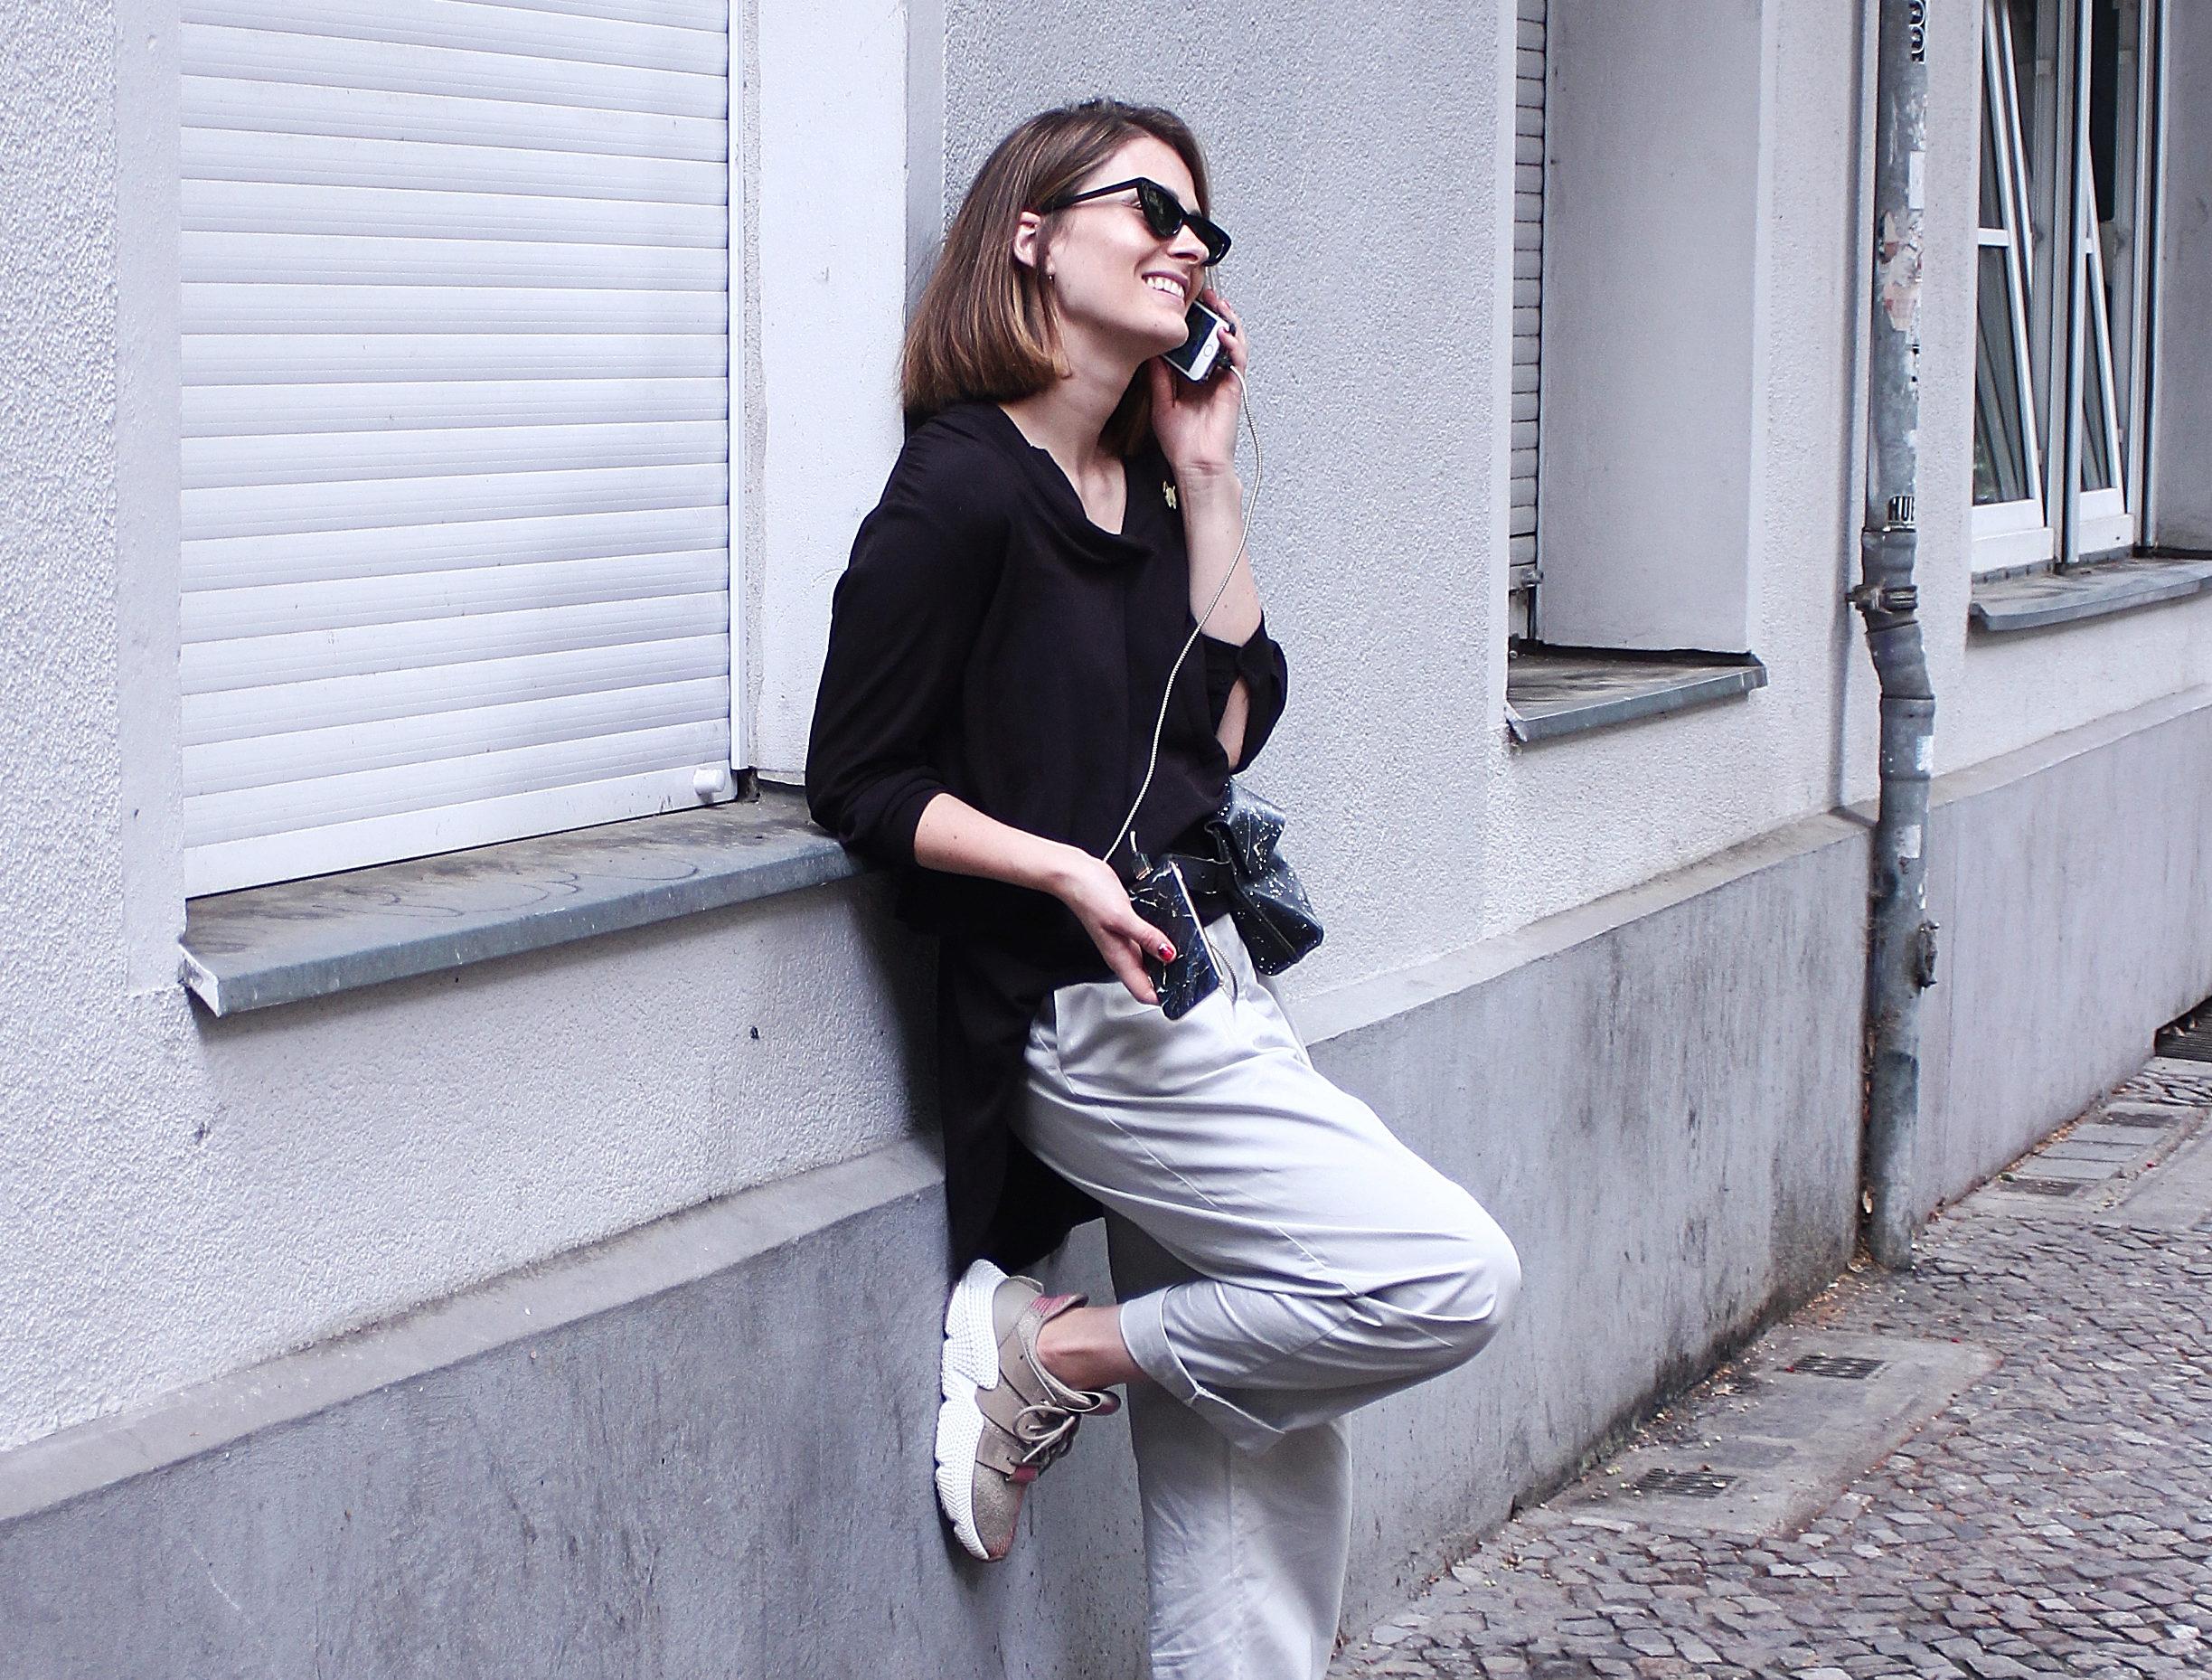 annaporter-fashion-blogging-1-1-e1532349760517.jpg